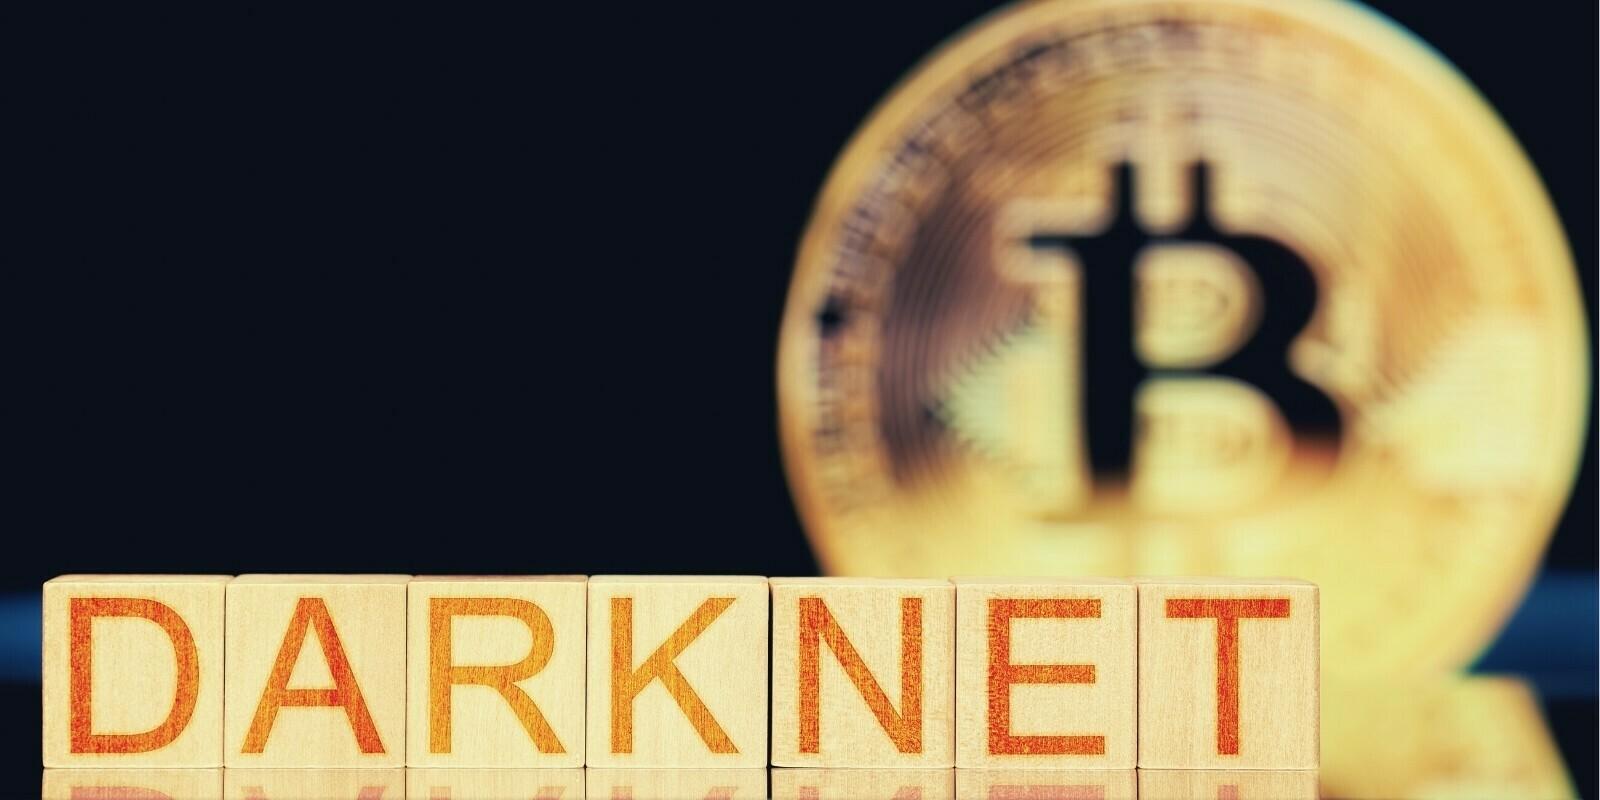 Nouveau record de volumes échangés en cryptomonnaies sur le darknet en 2020